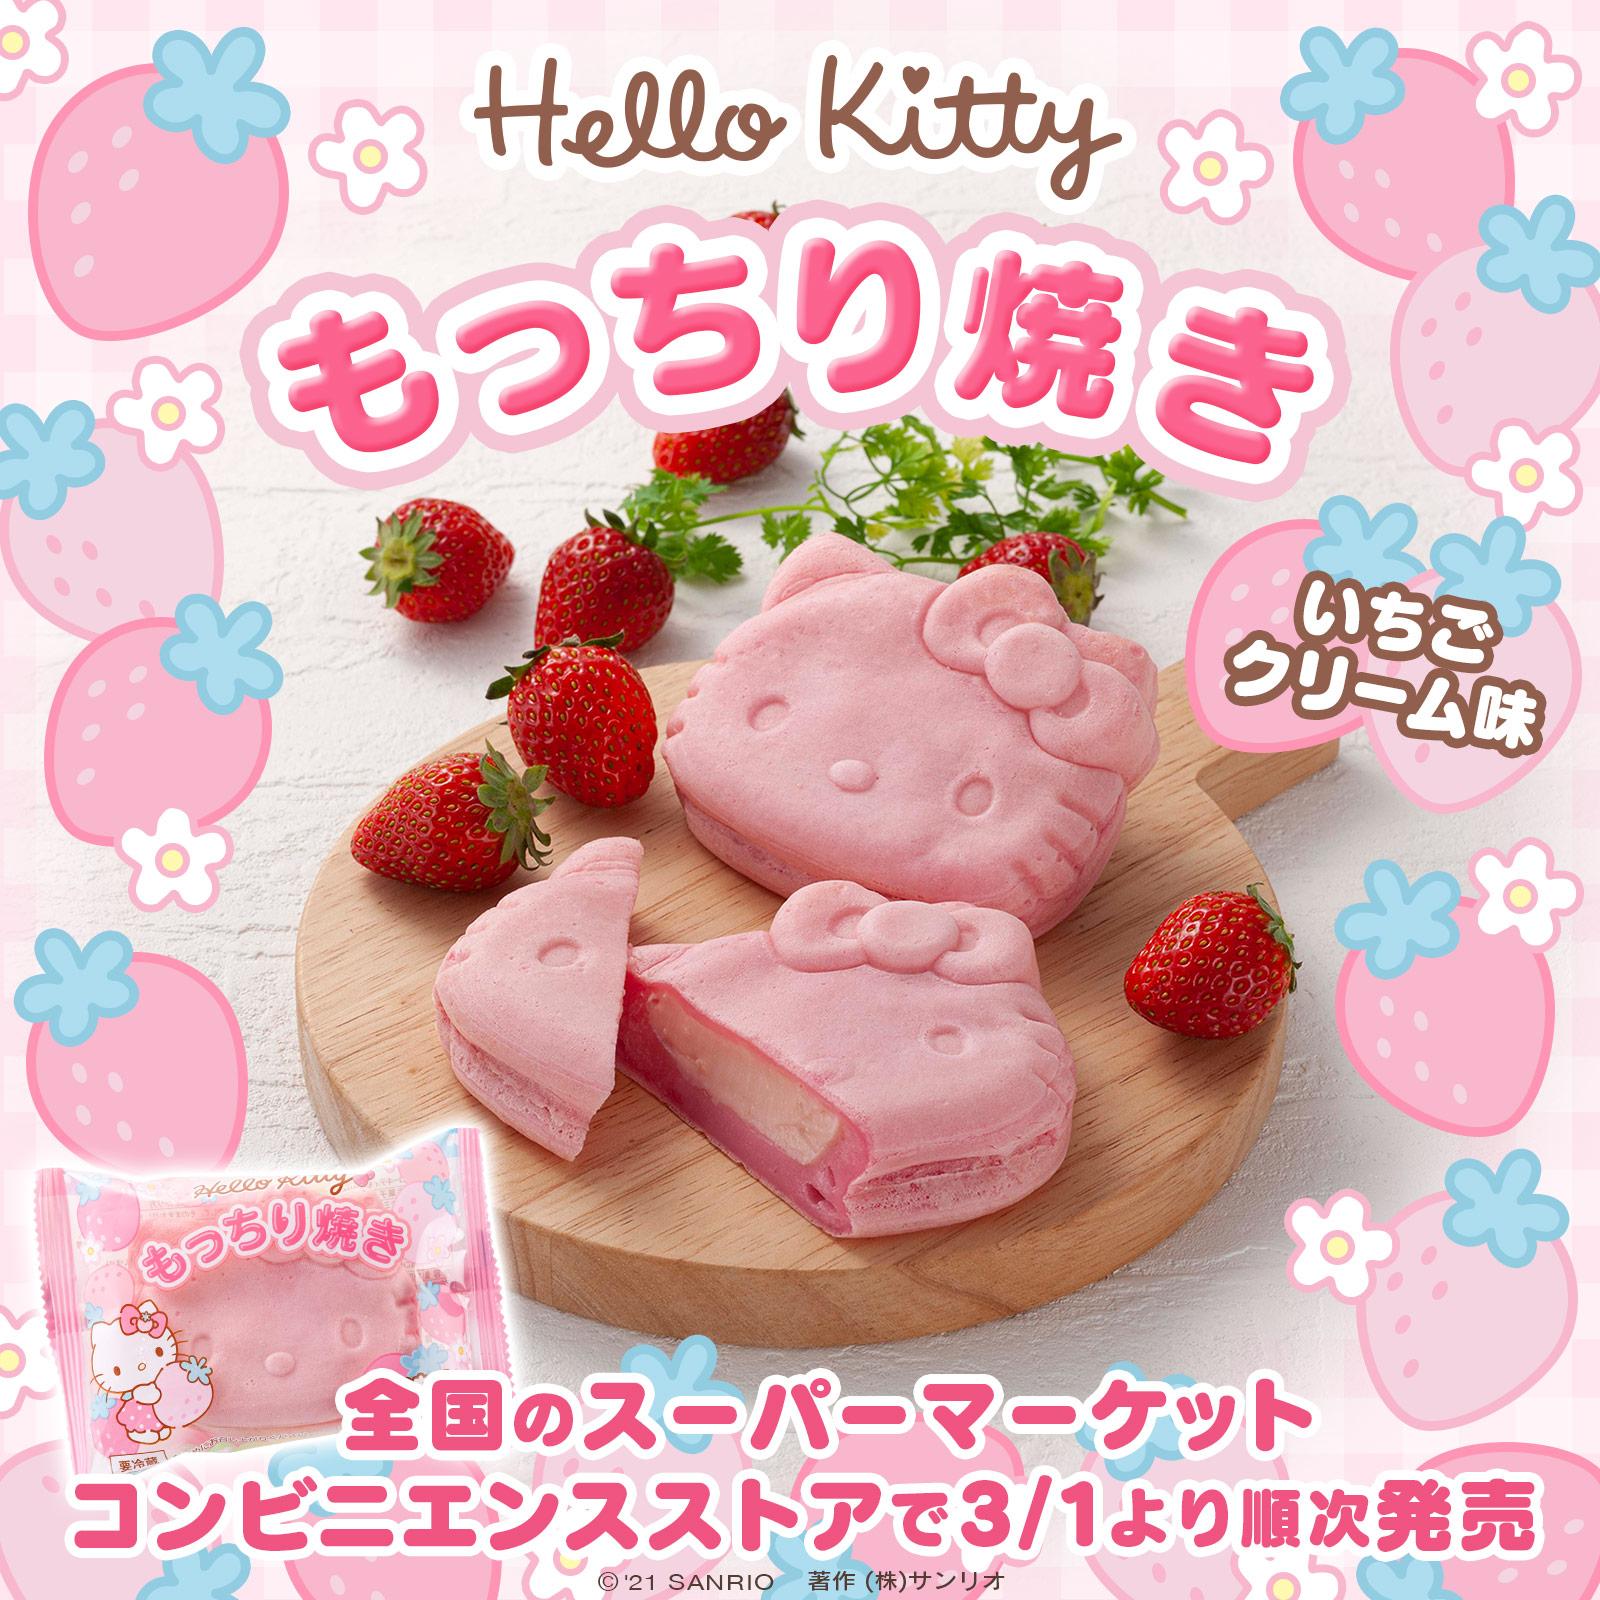 """「サンリオ」ハローキティのフェイス形""""もっちり焼き""""が登場!春を感じられるピンクが可愛いスイーツ"""